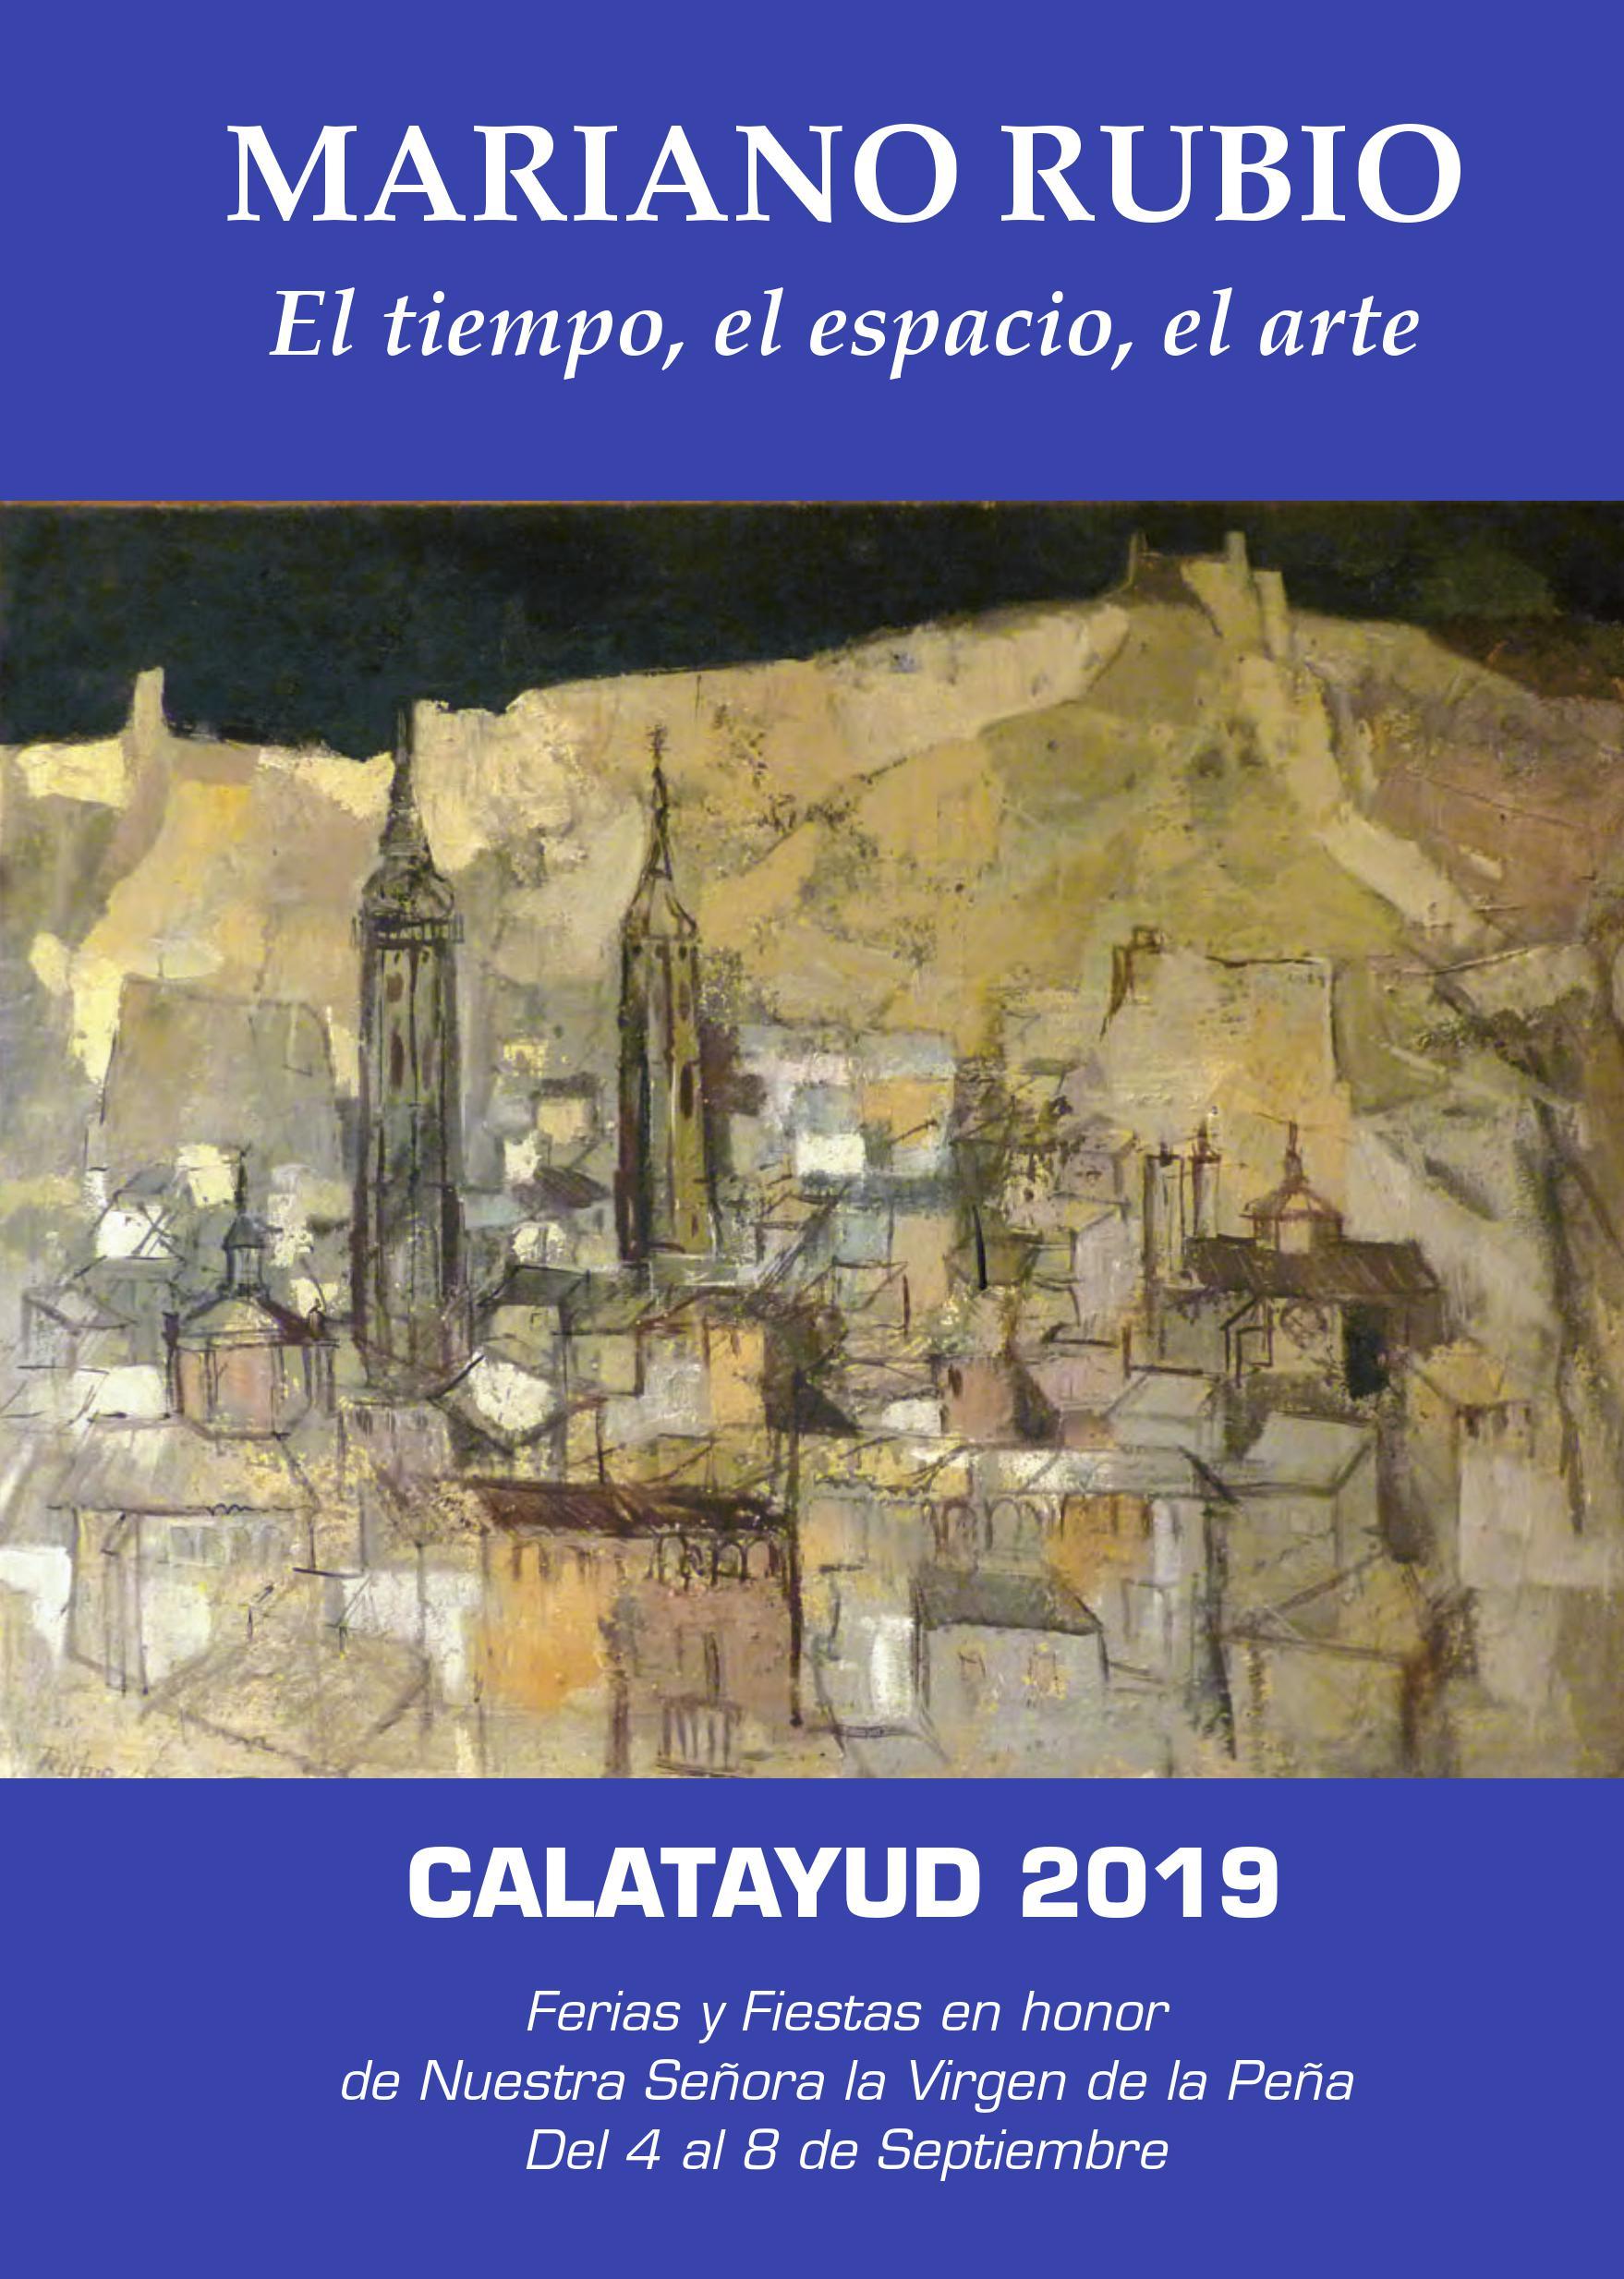 Feria y Fiestas de Calatayud